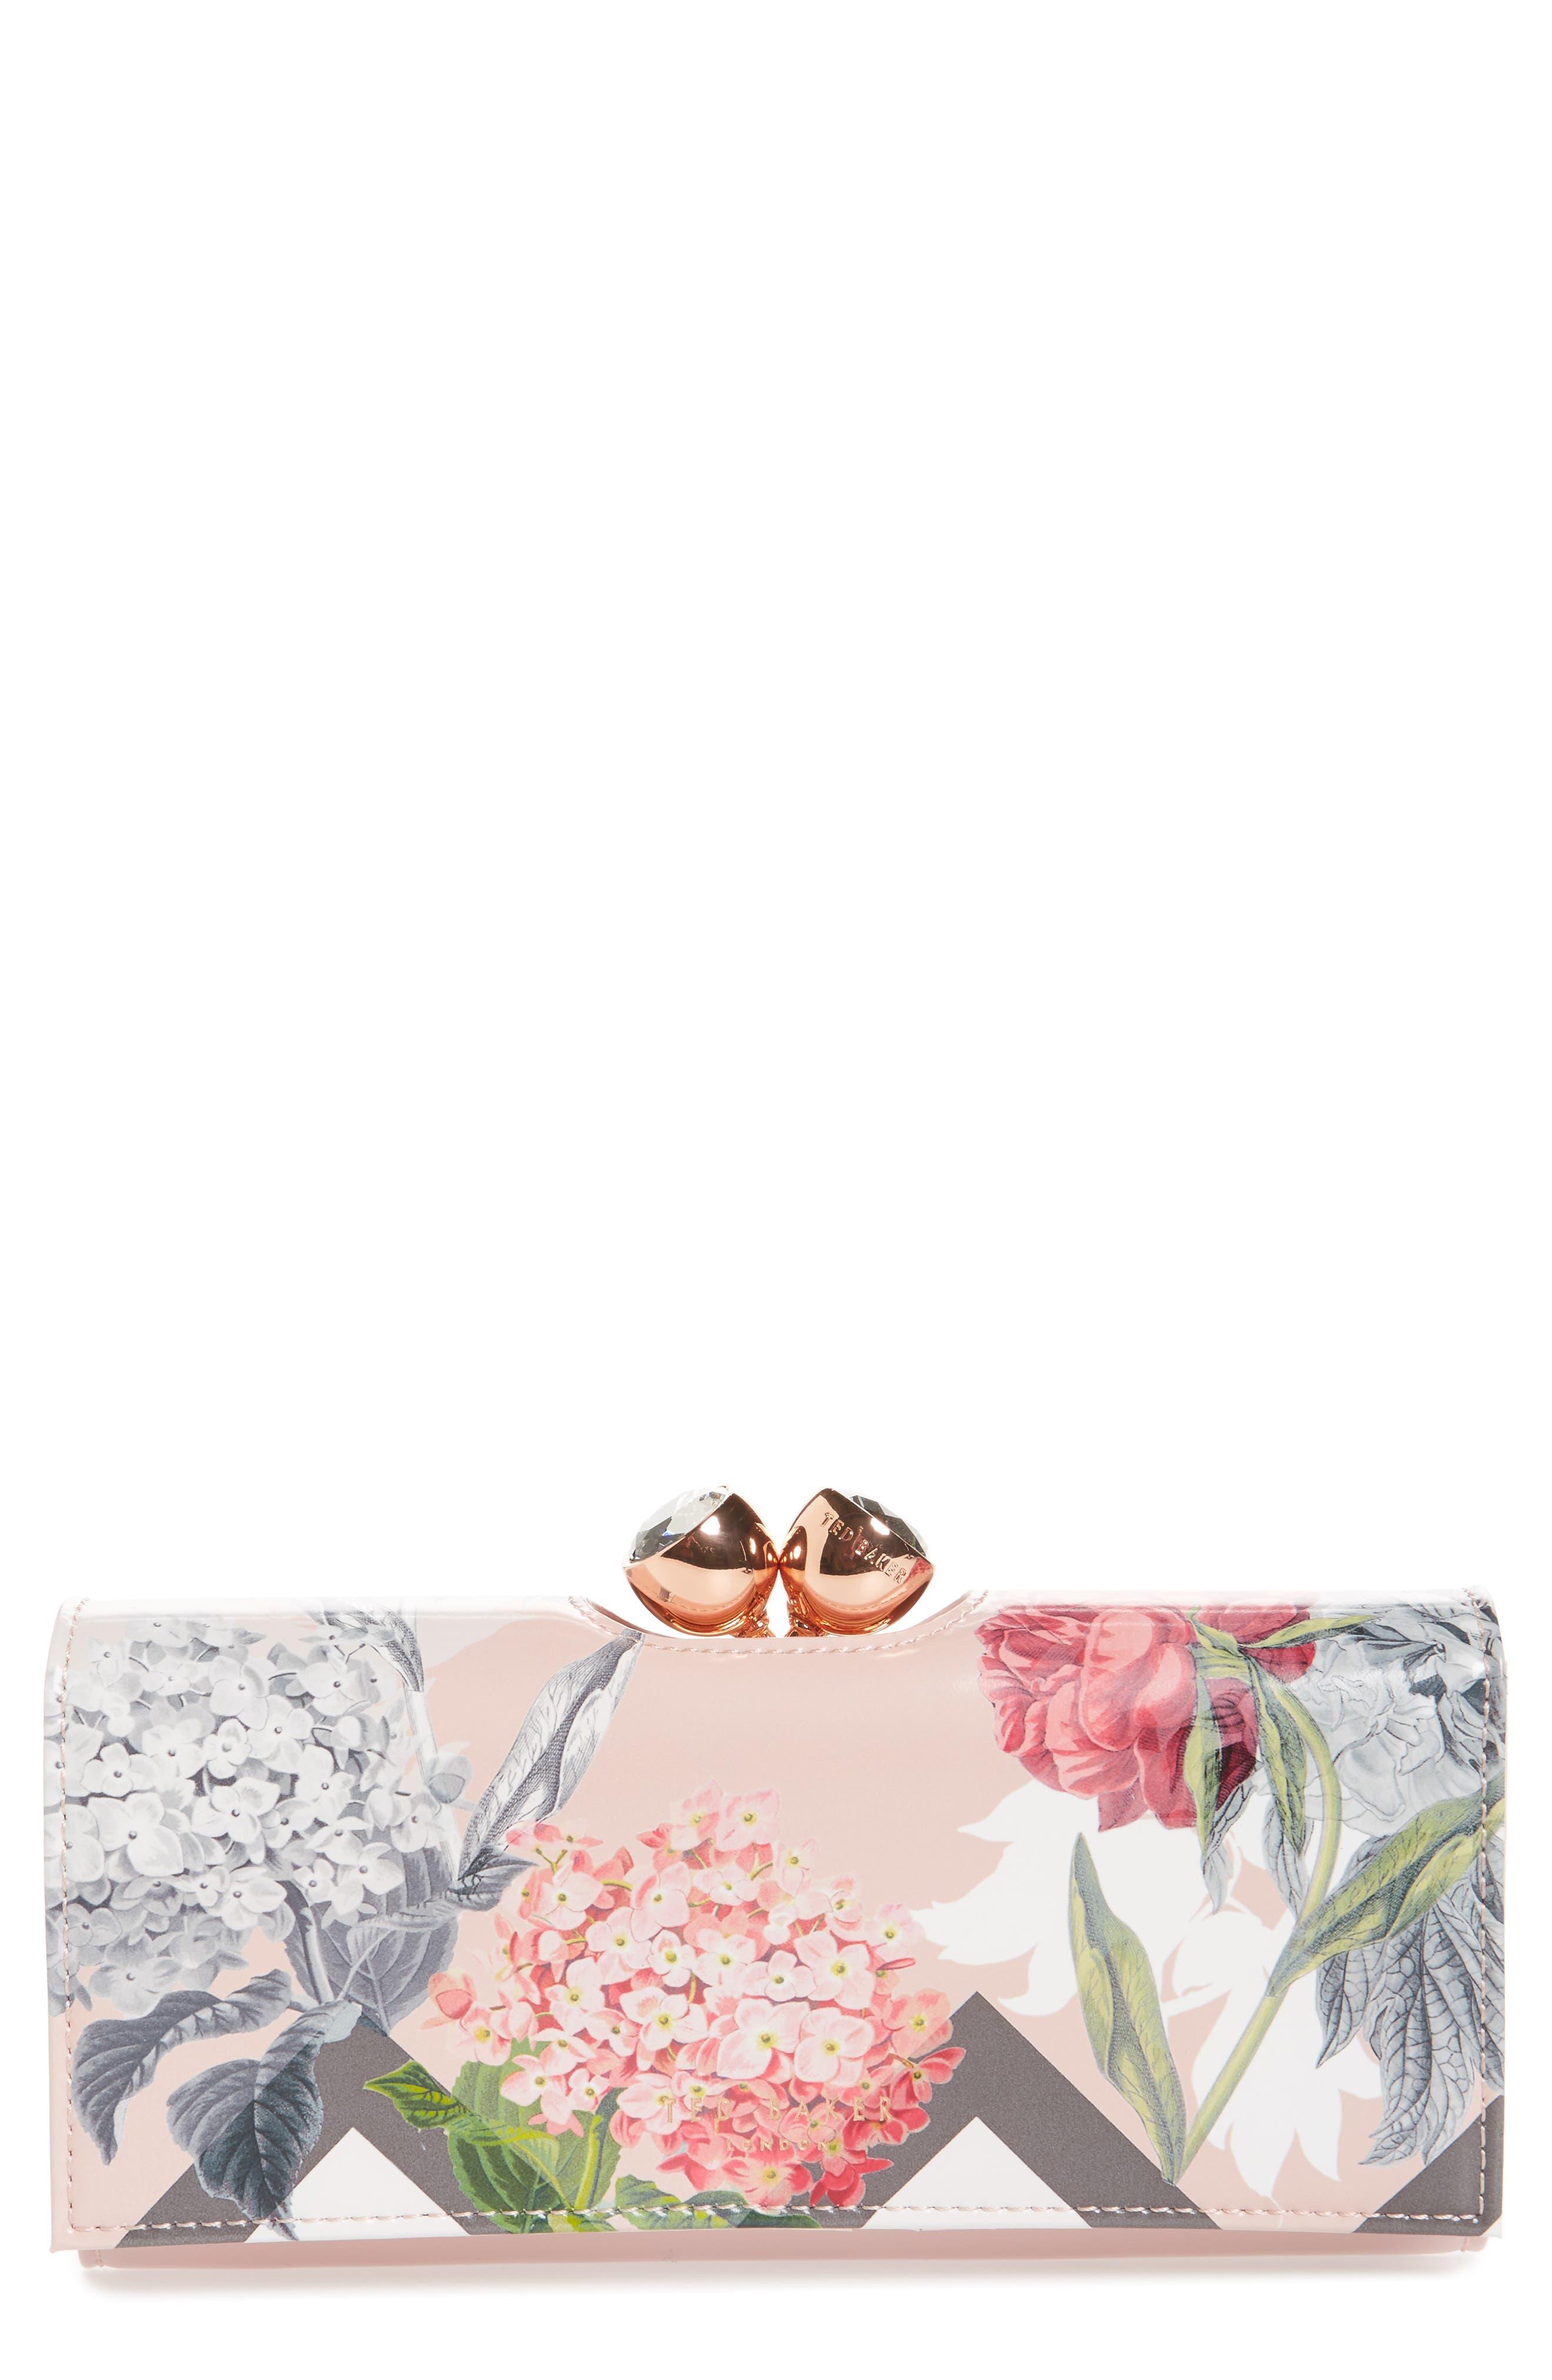 Palace Gardens Matinée Wallet,                             Main thumbnail 1, color,                             Dusky Pink